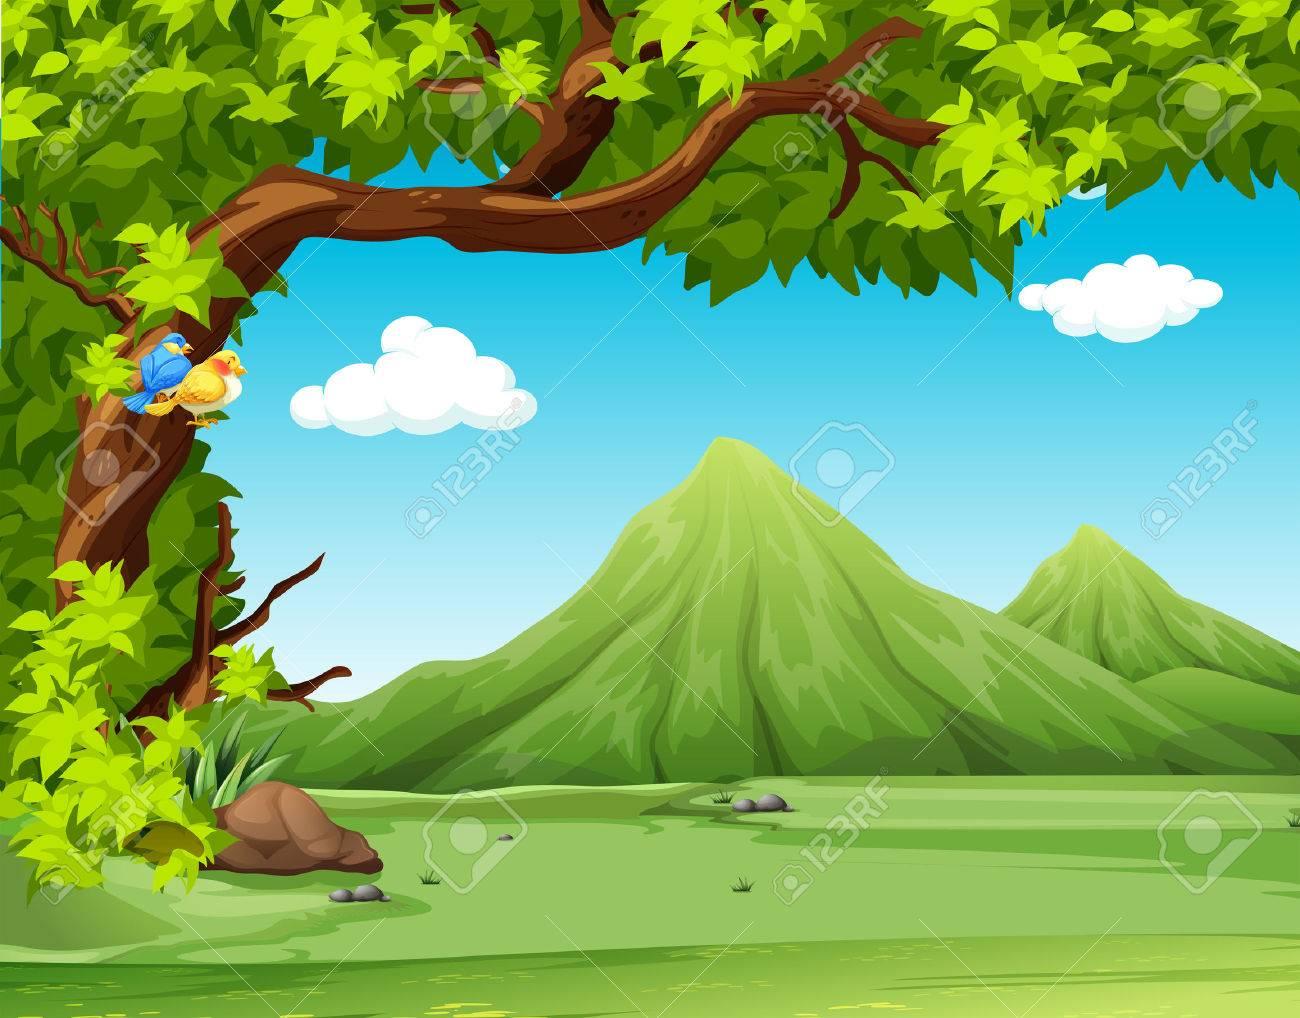 背景イラストの山の中で自然の景色のイラスト素材ベクタ Image 44806318